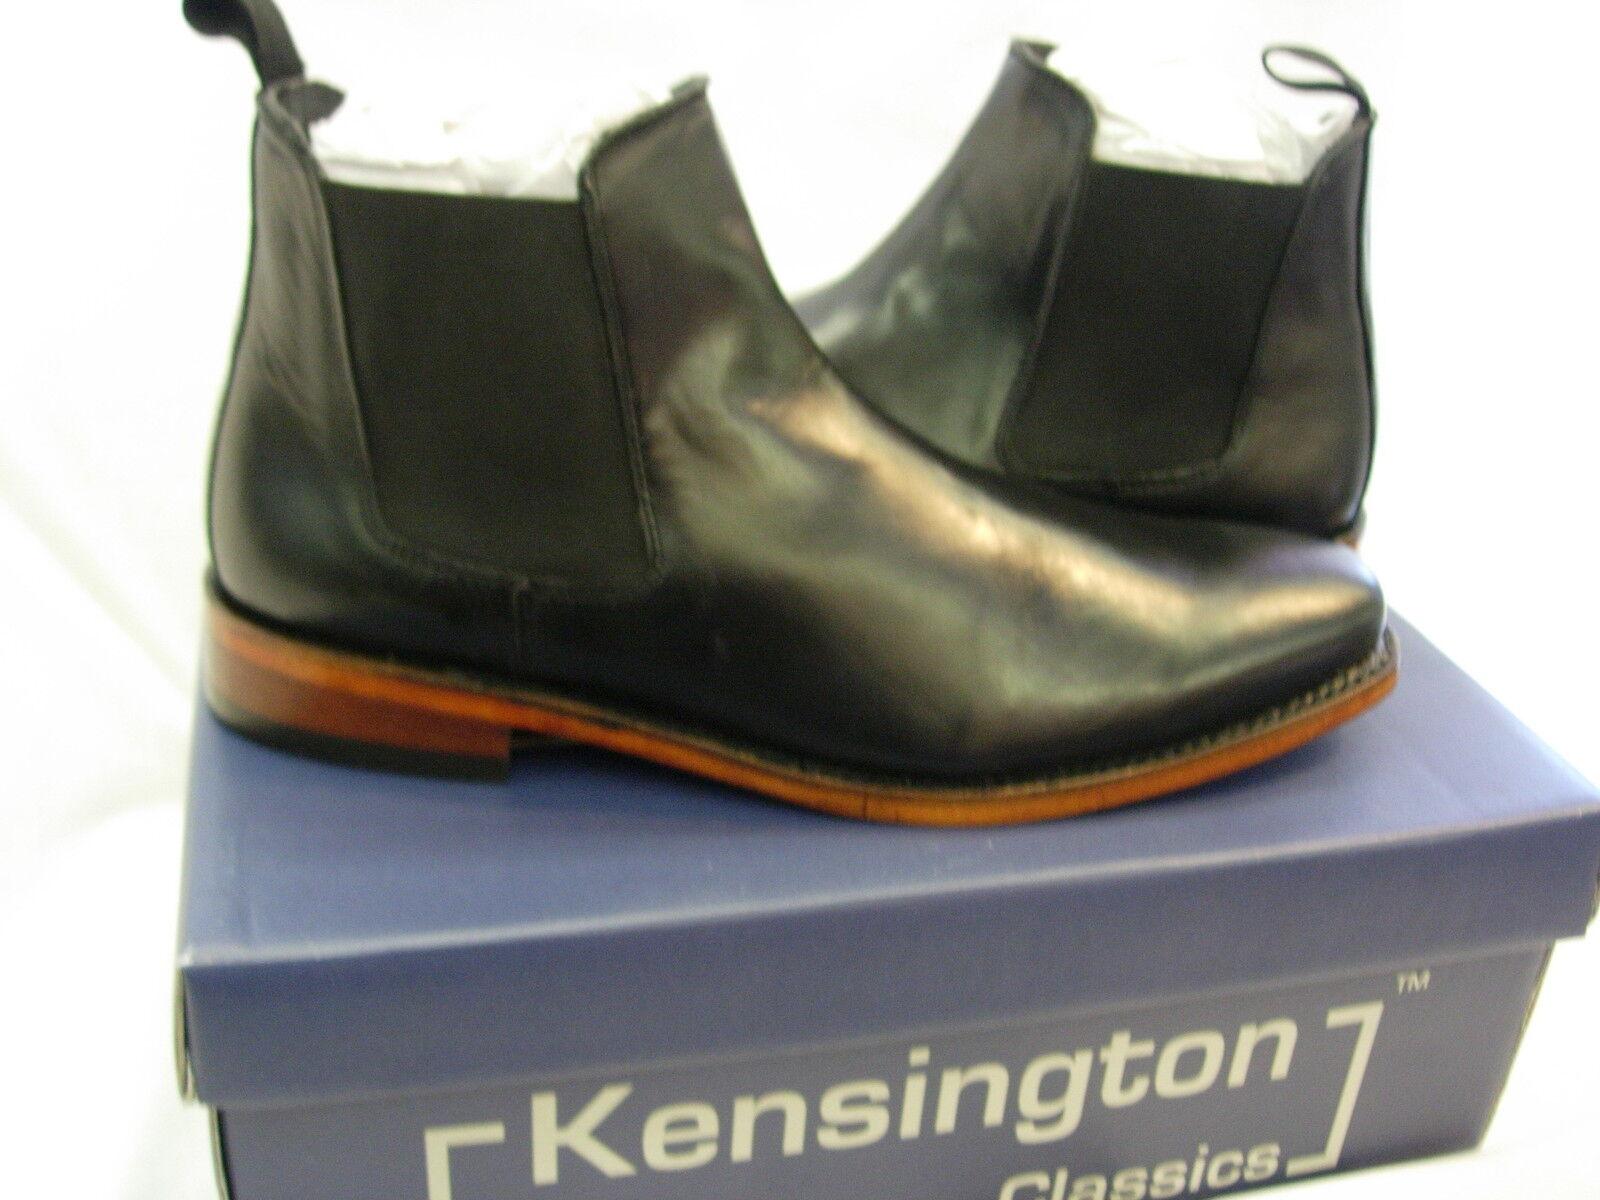 Caballeros Negro de cuero para hombre M833 Suela Chelsea Tobillo botas Deale